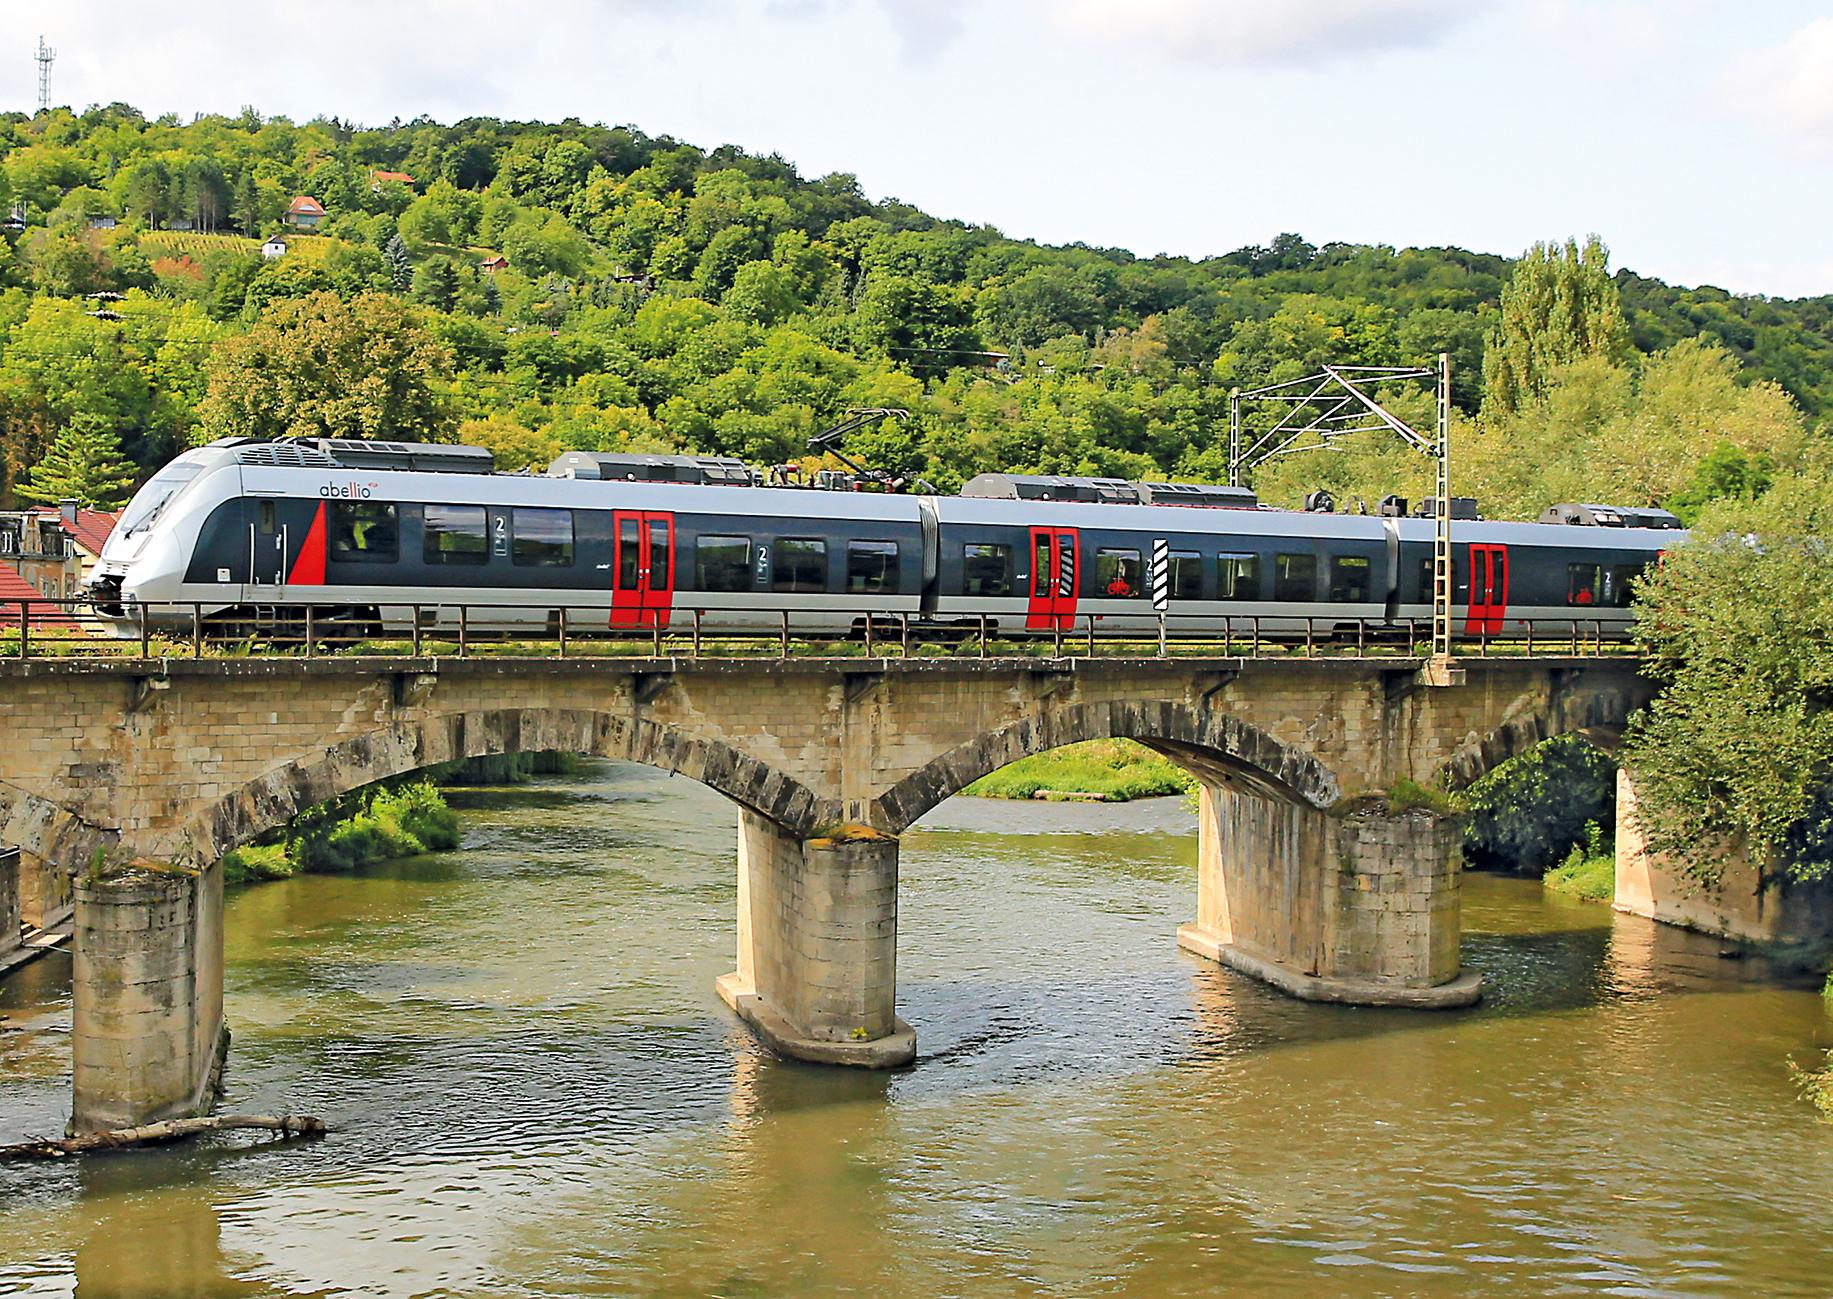 Abellio Zug im Burgenlandkreis über Brücke bei Sommerwetter